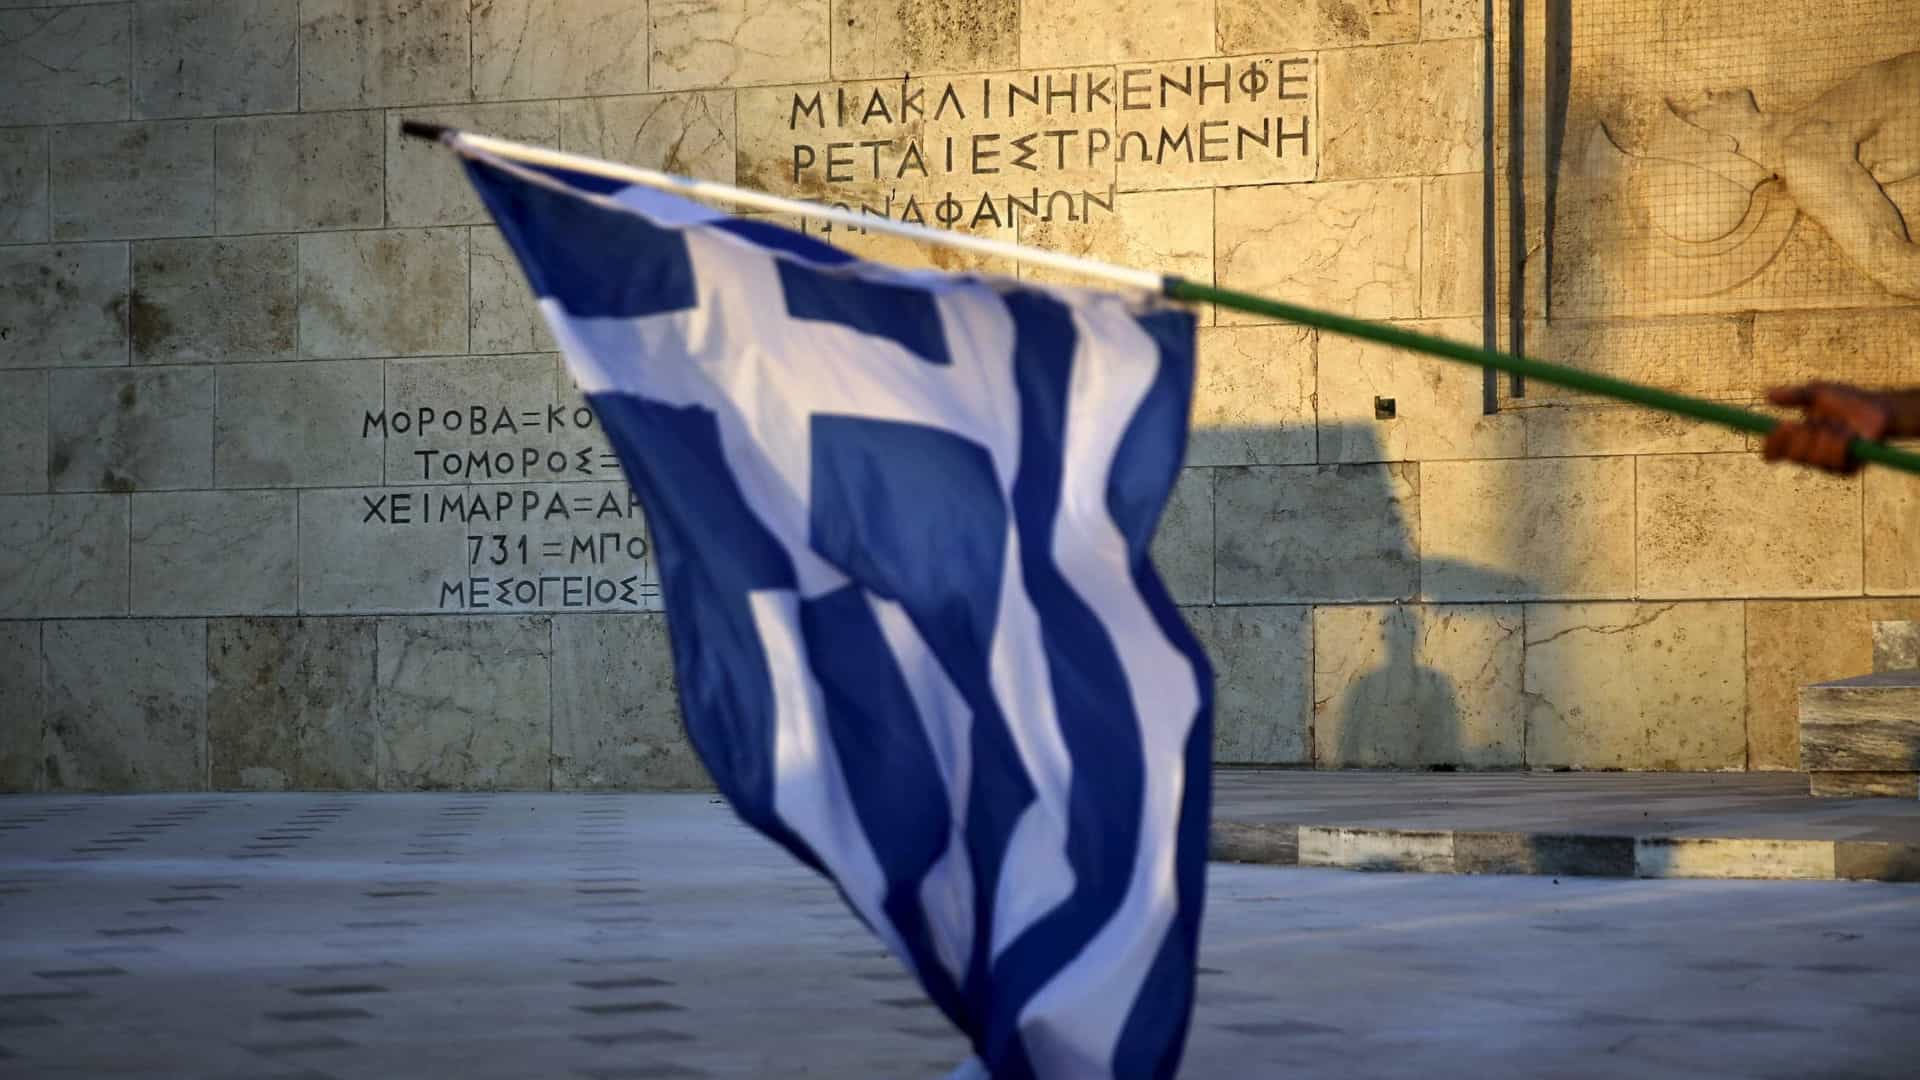 Macedónia: Grécia expulsa diplomatas russos que interferiram no caso